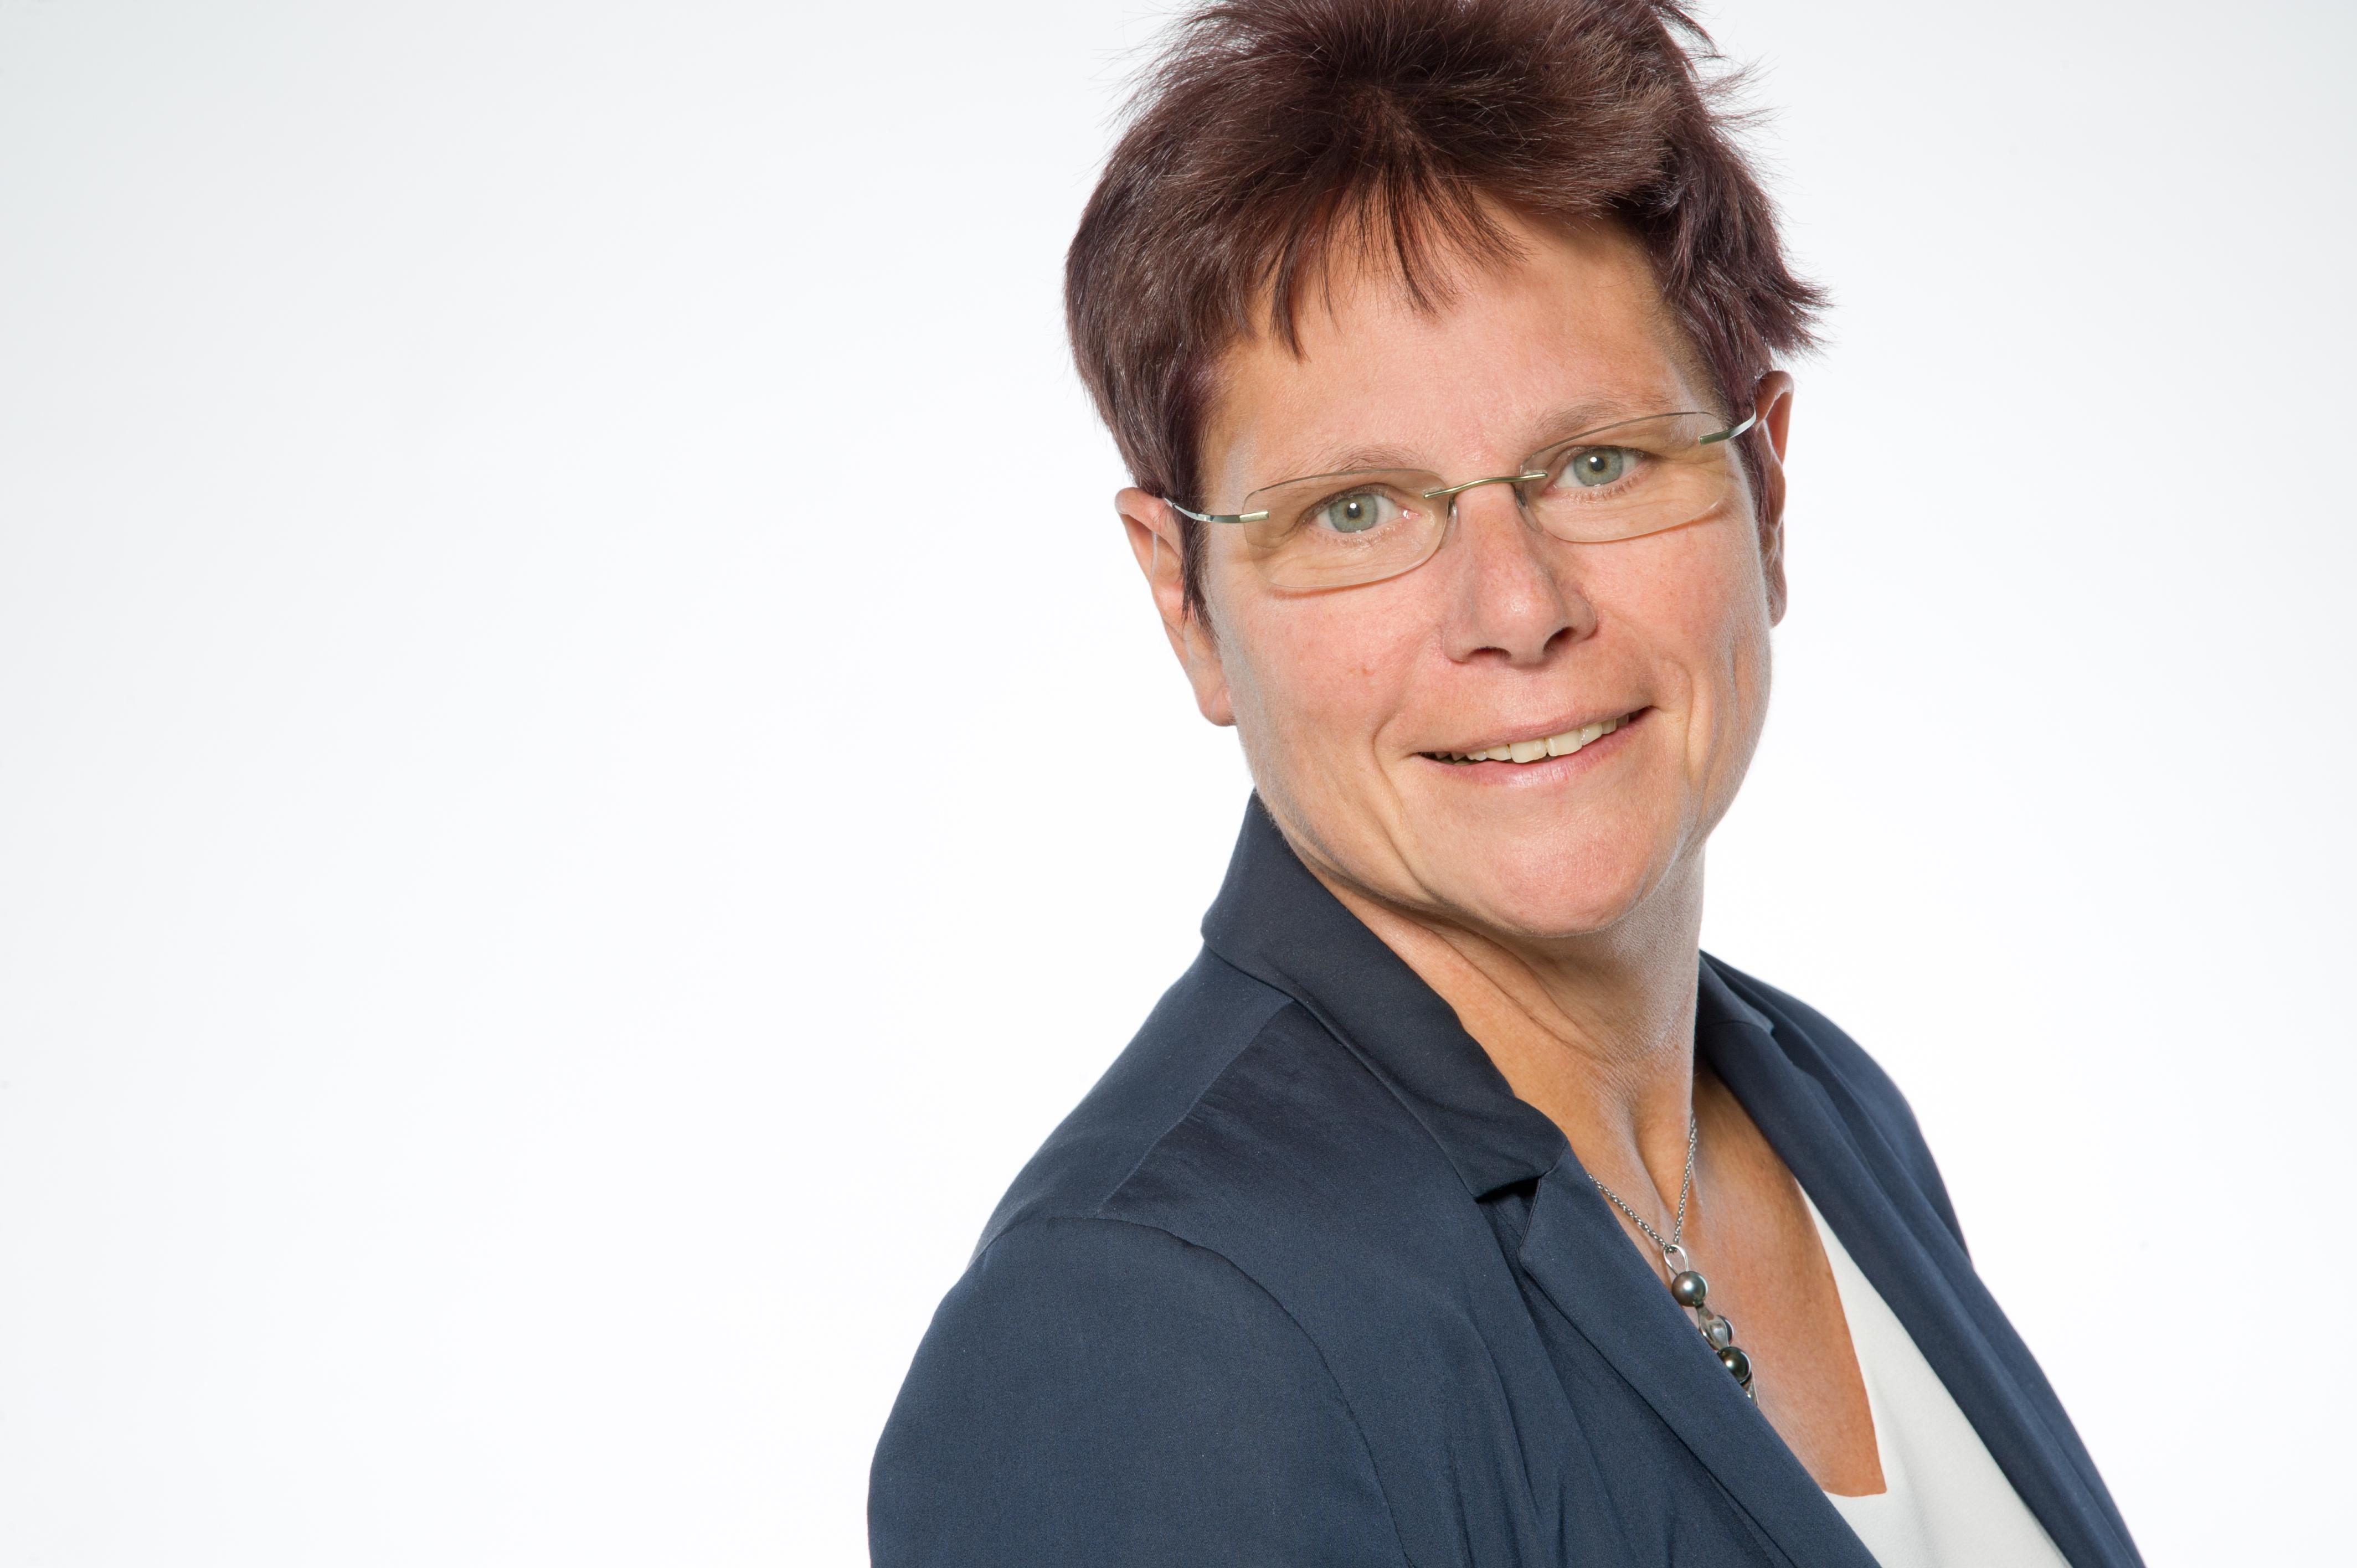 Dr. Ute Bergner für Emily-Roebling-Preis 2019 nominiert